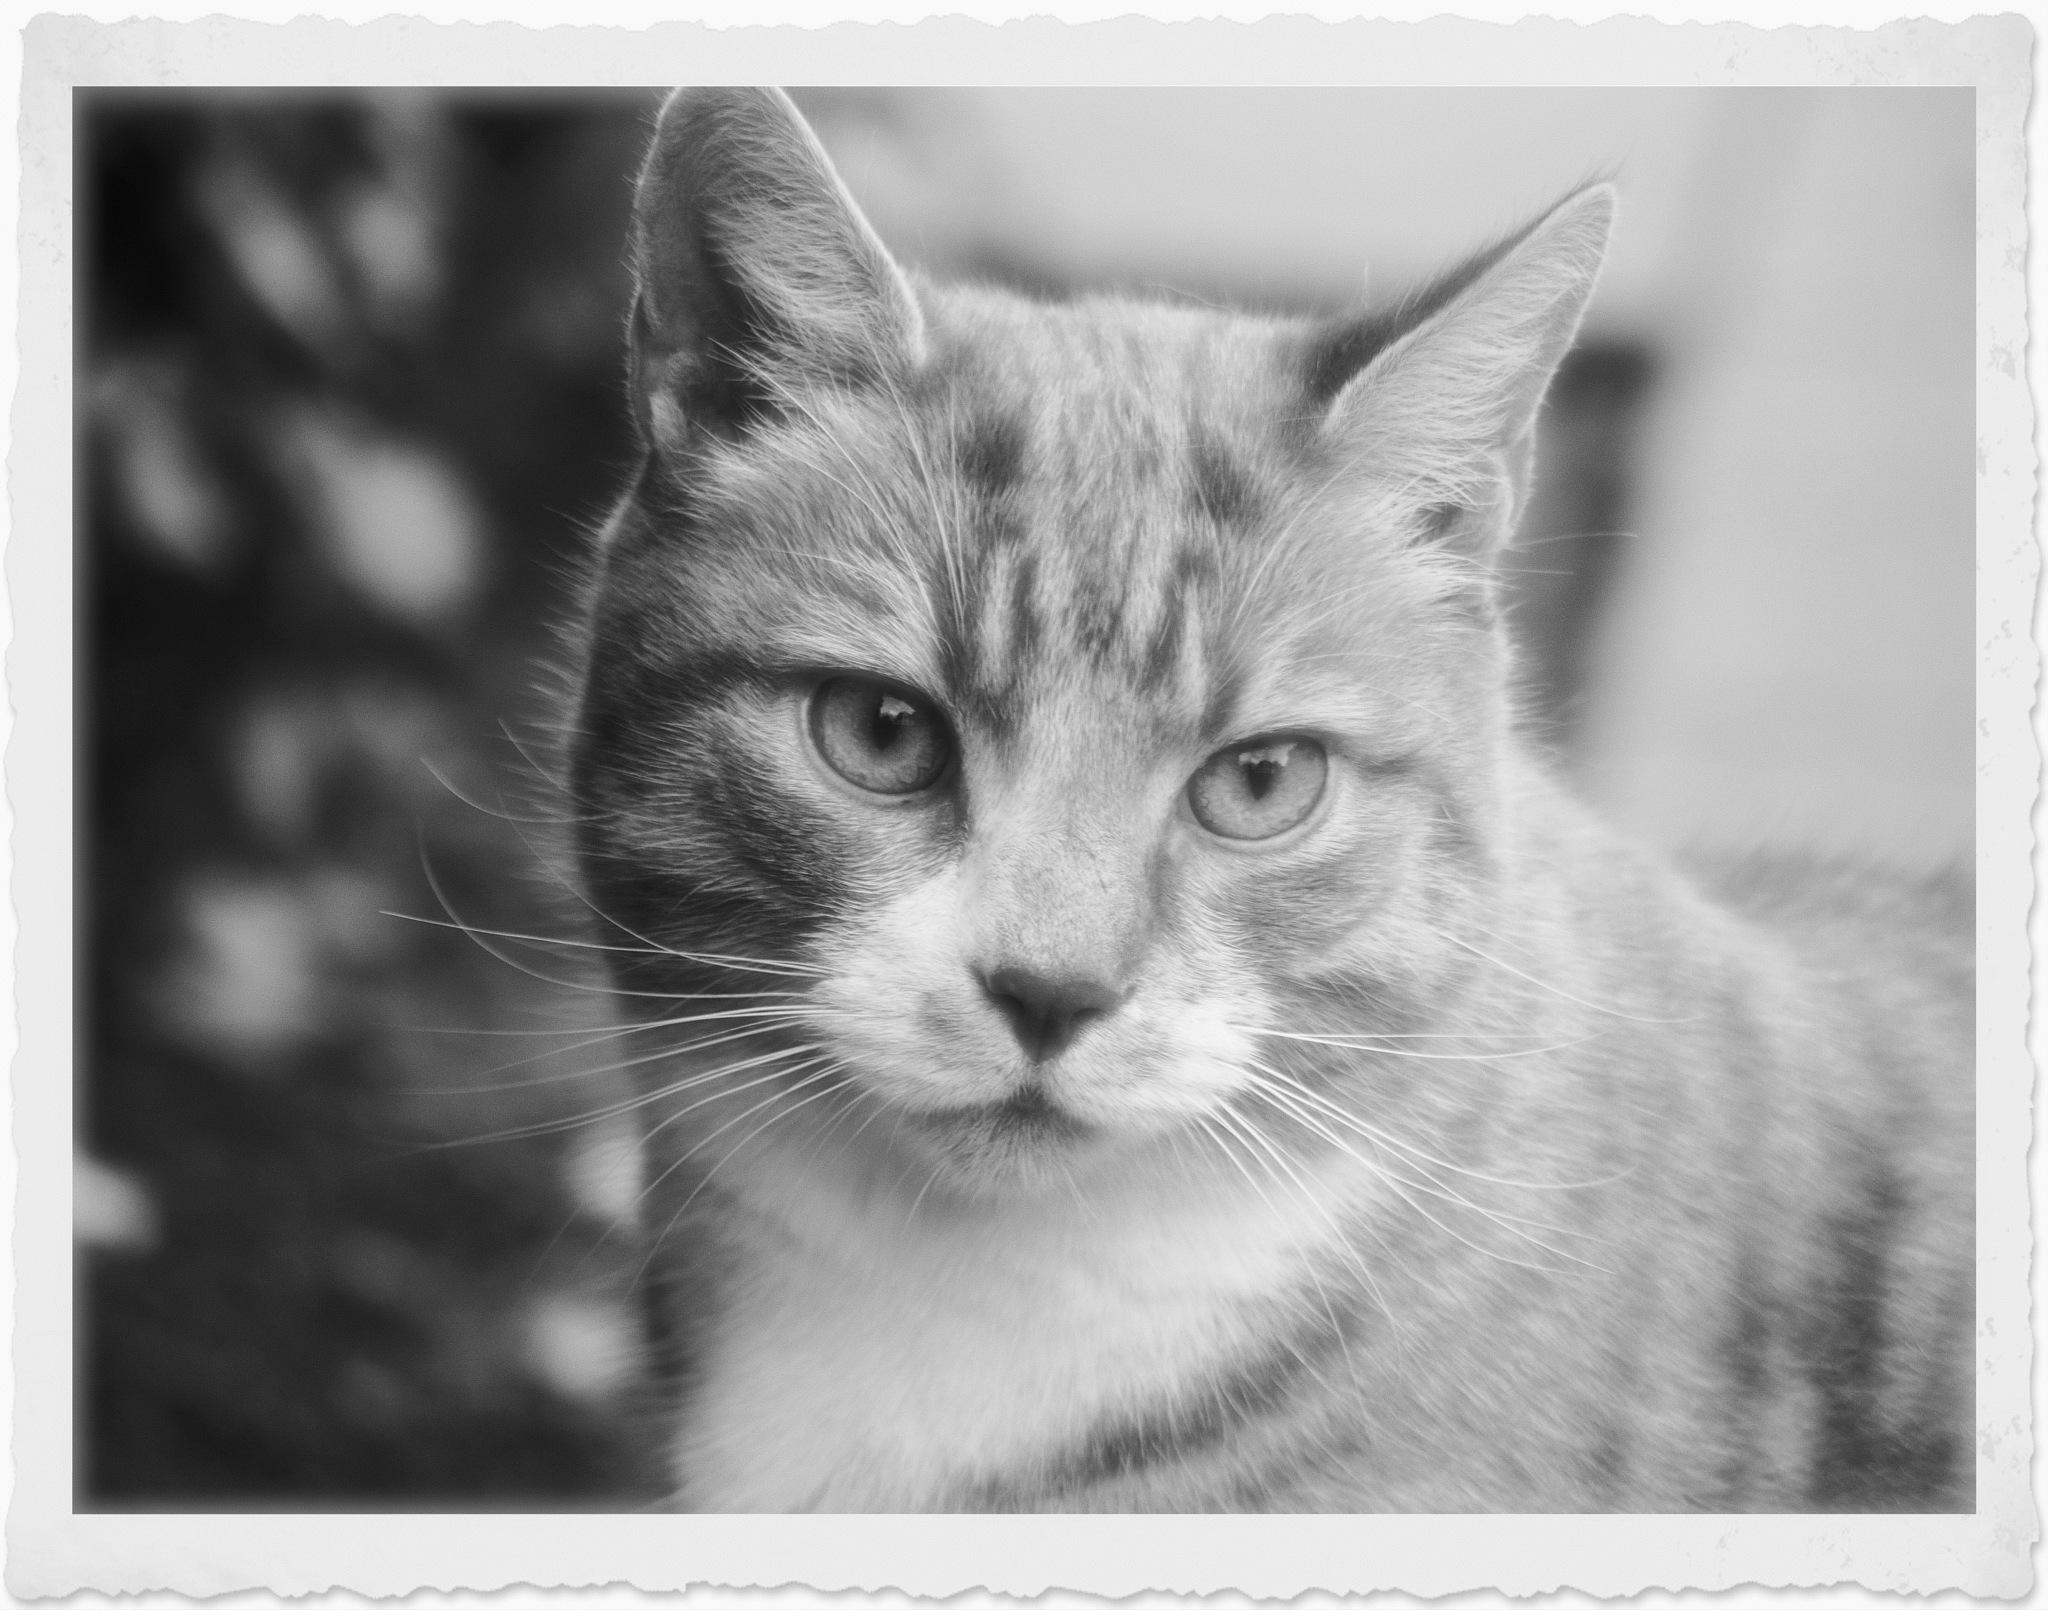 Cat by John Friis Mortensen